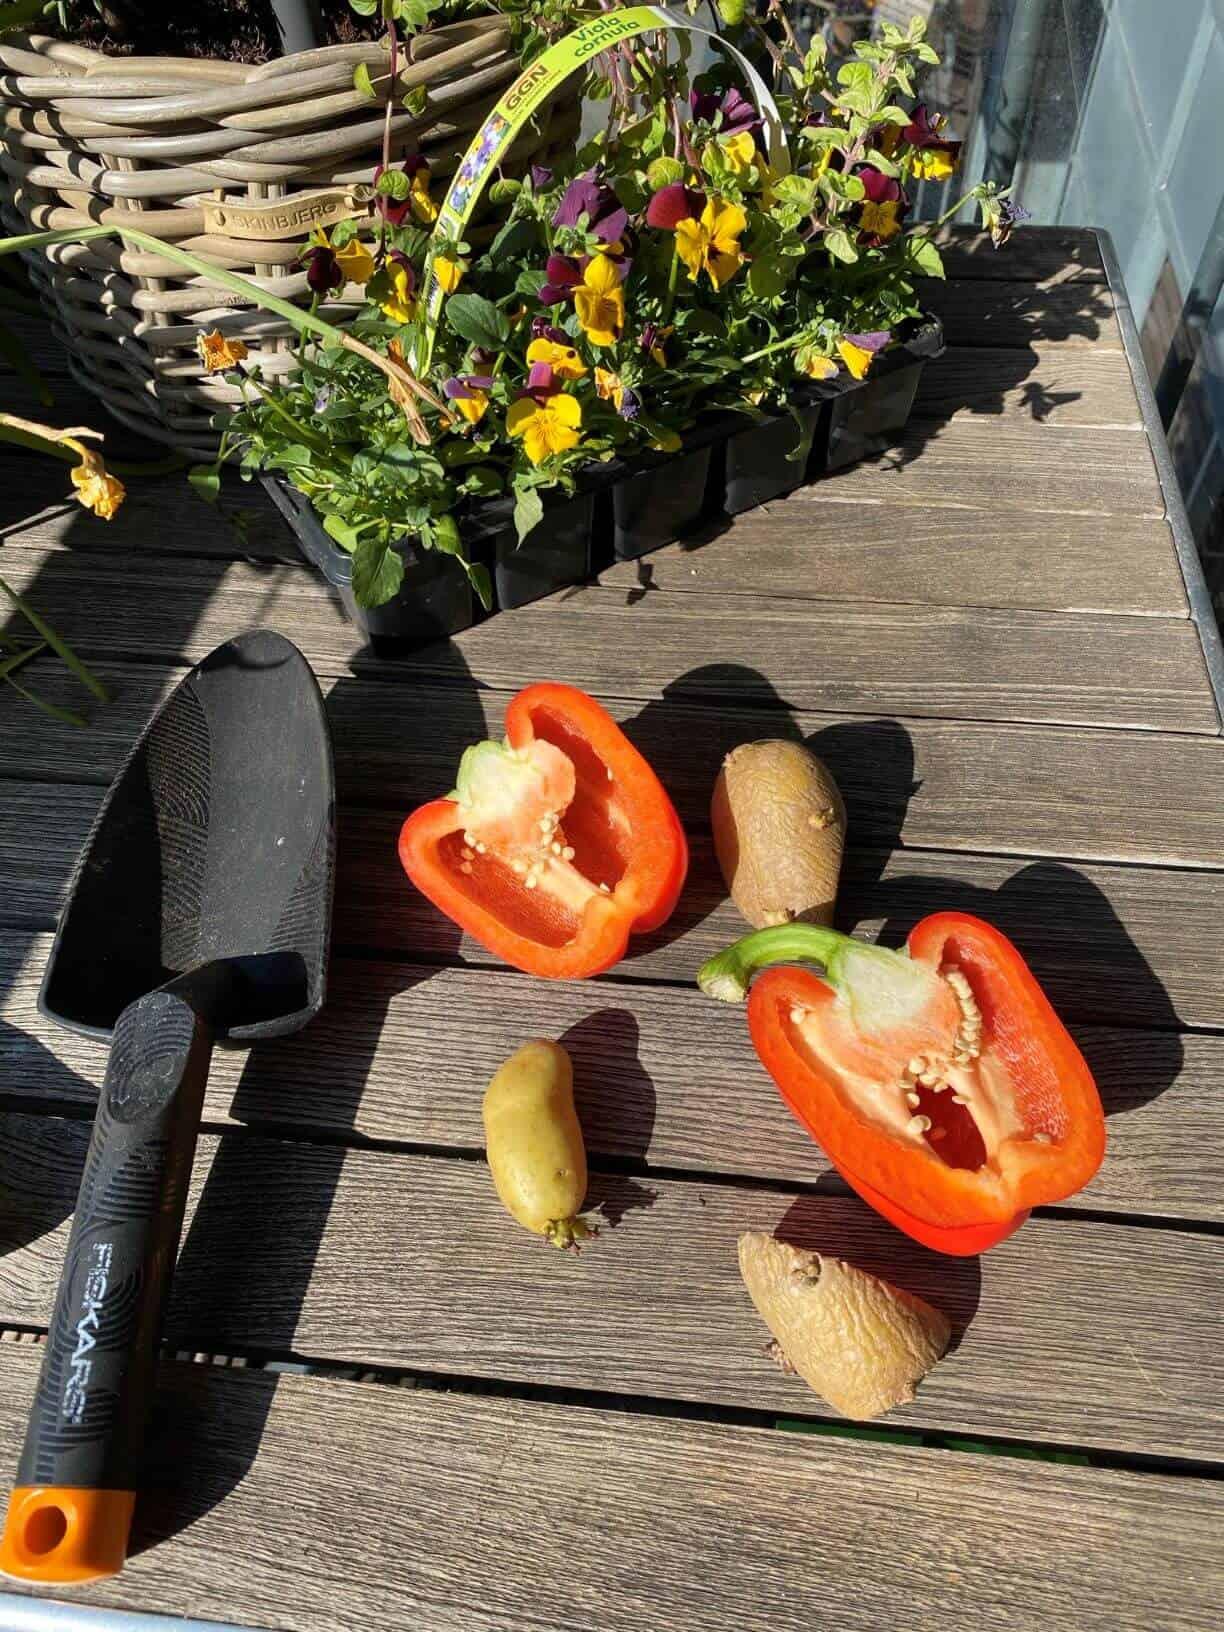 Vi starter med kartofler og rød peber i vores altan køkkenhave